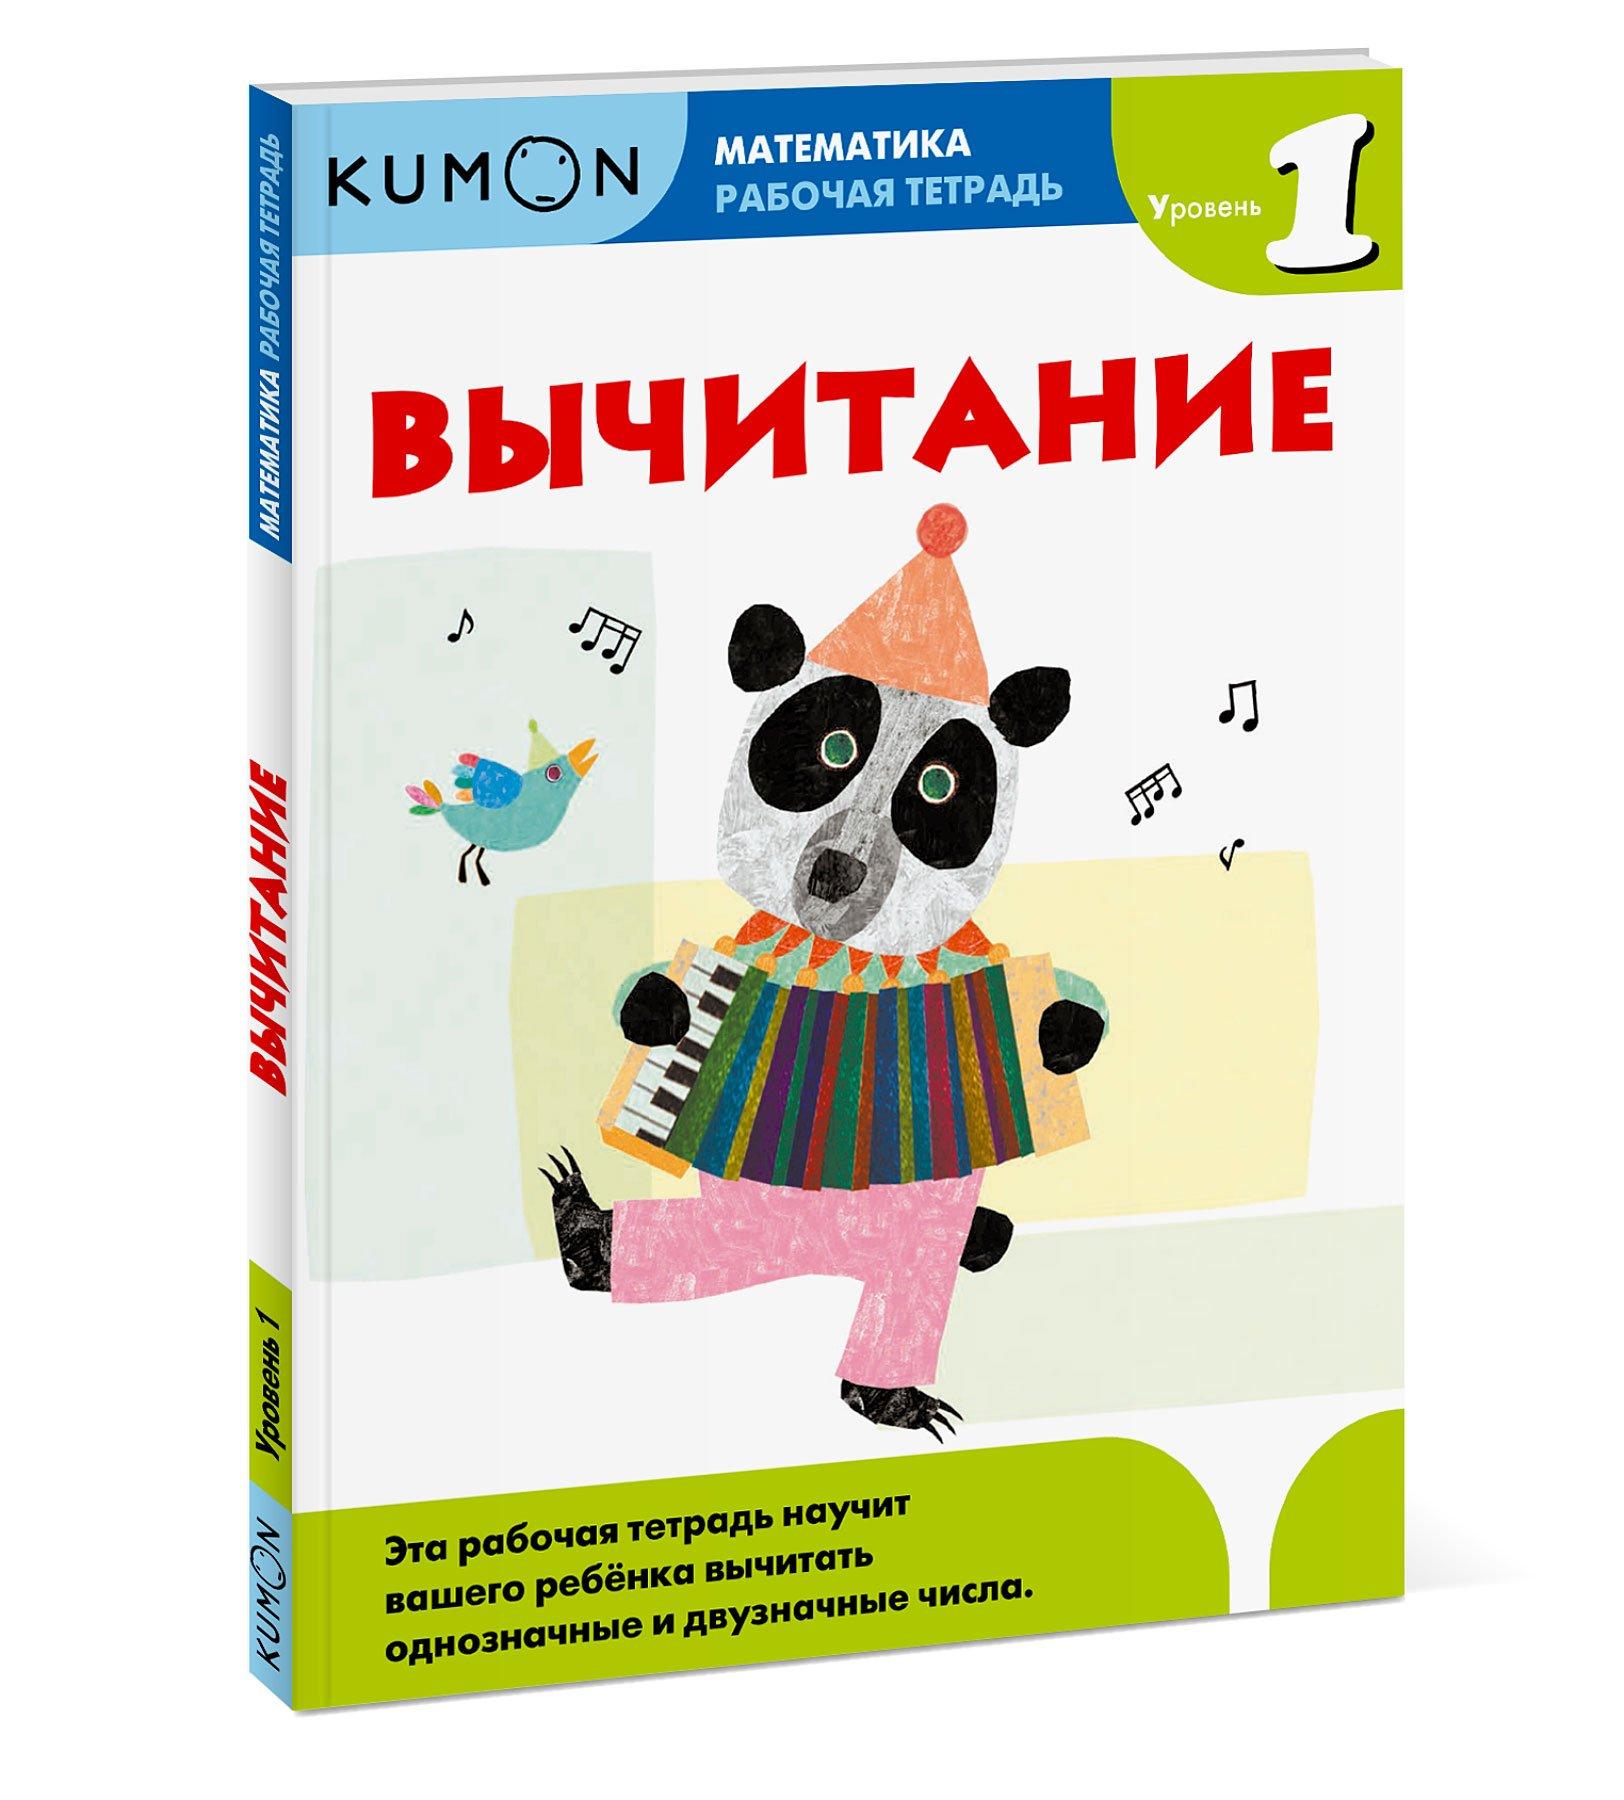 Kumon Математика. Вычитание. Уровень 1 Kumon